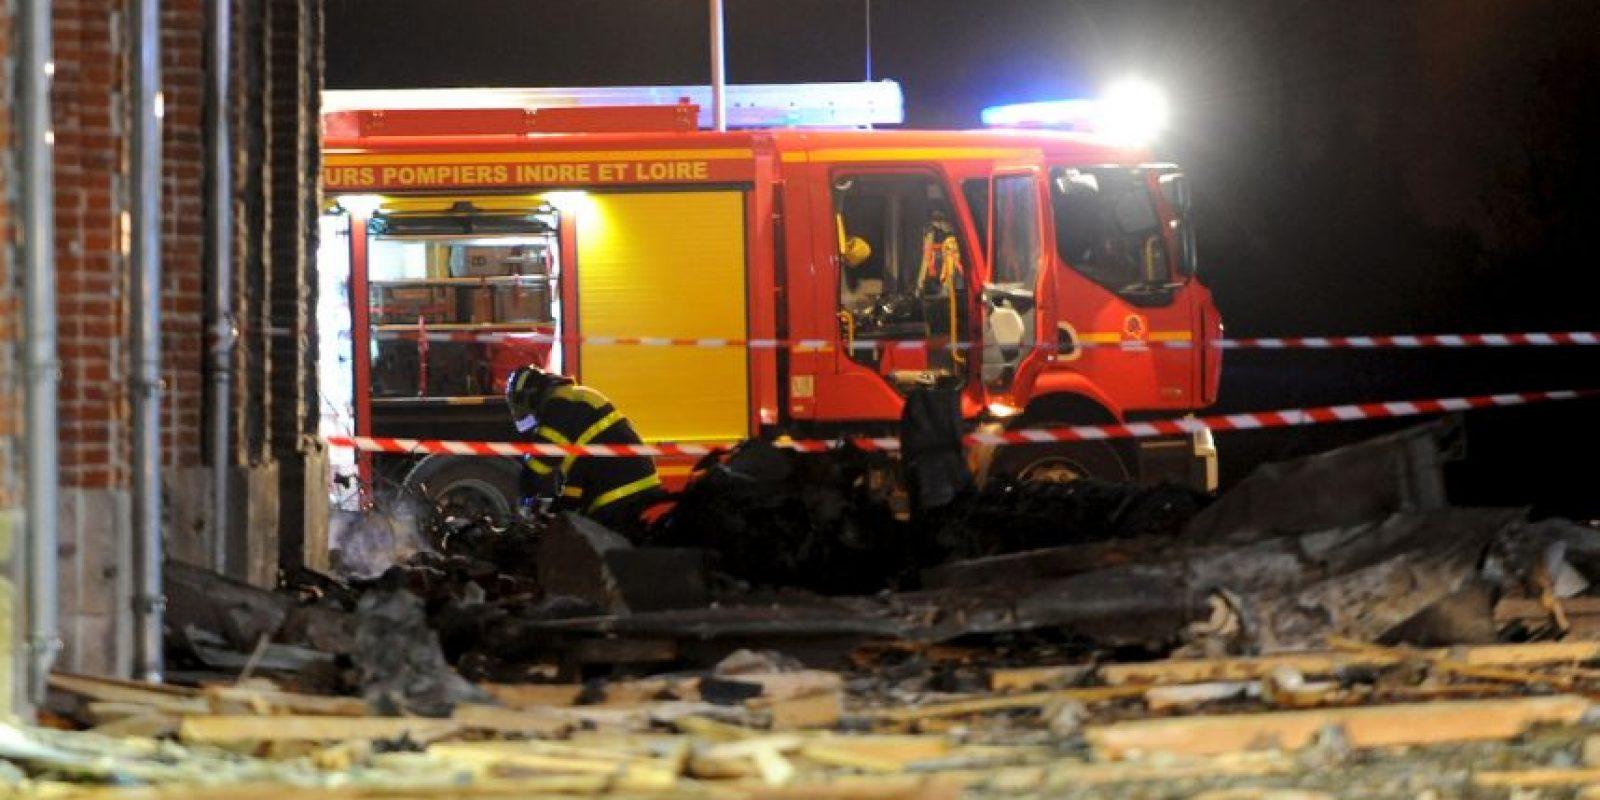 Un avión se estrelló en un hogar para discapacitados en Francia. Según reportó BBC, tras el accidente del avión de la fuerza aérea francesa falleció una persona mientras que otra resultó herida. Foto:AFP